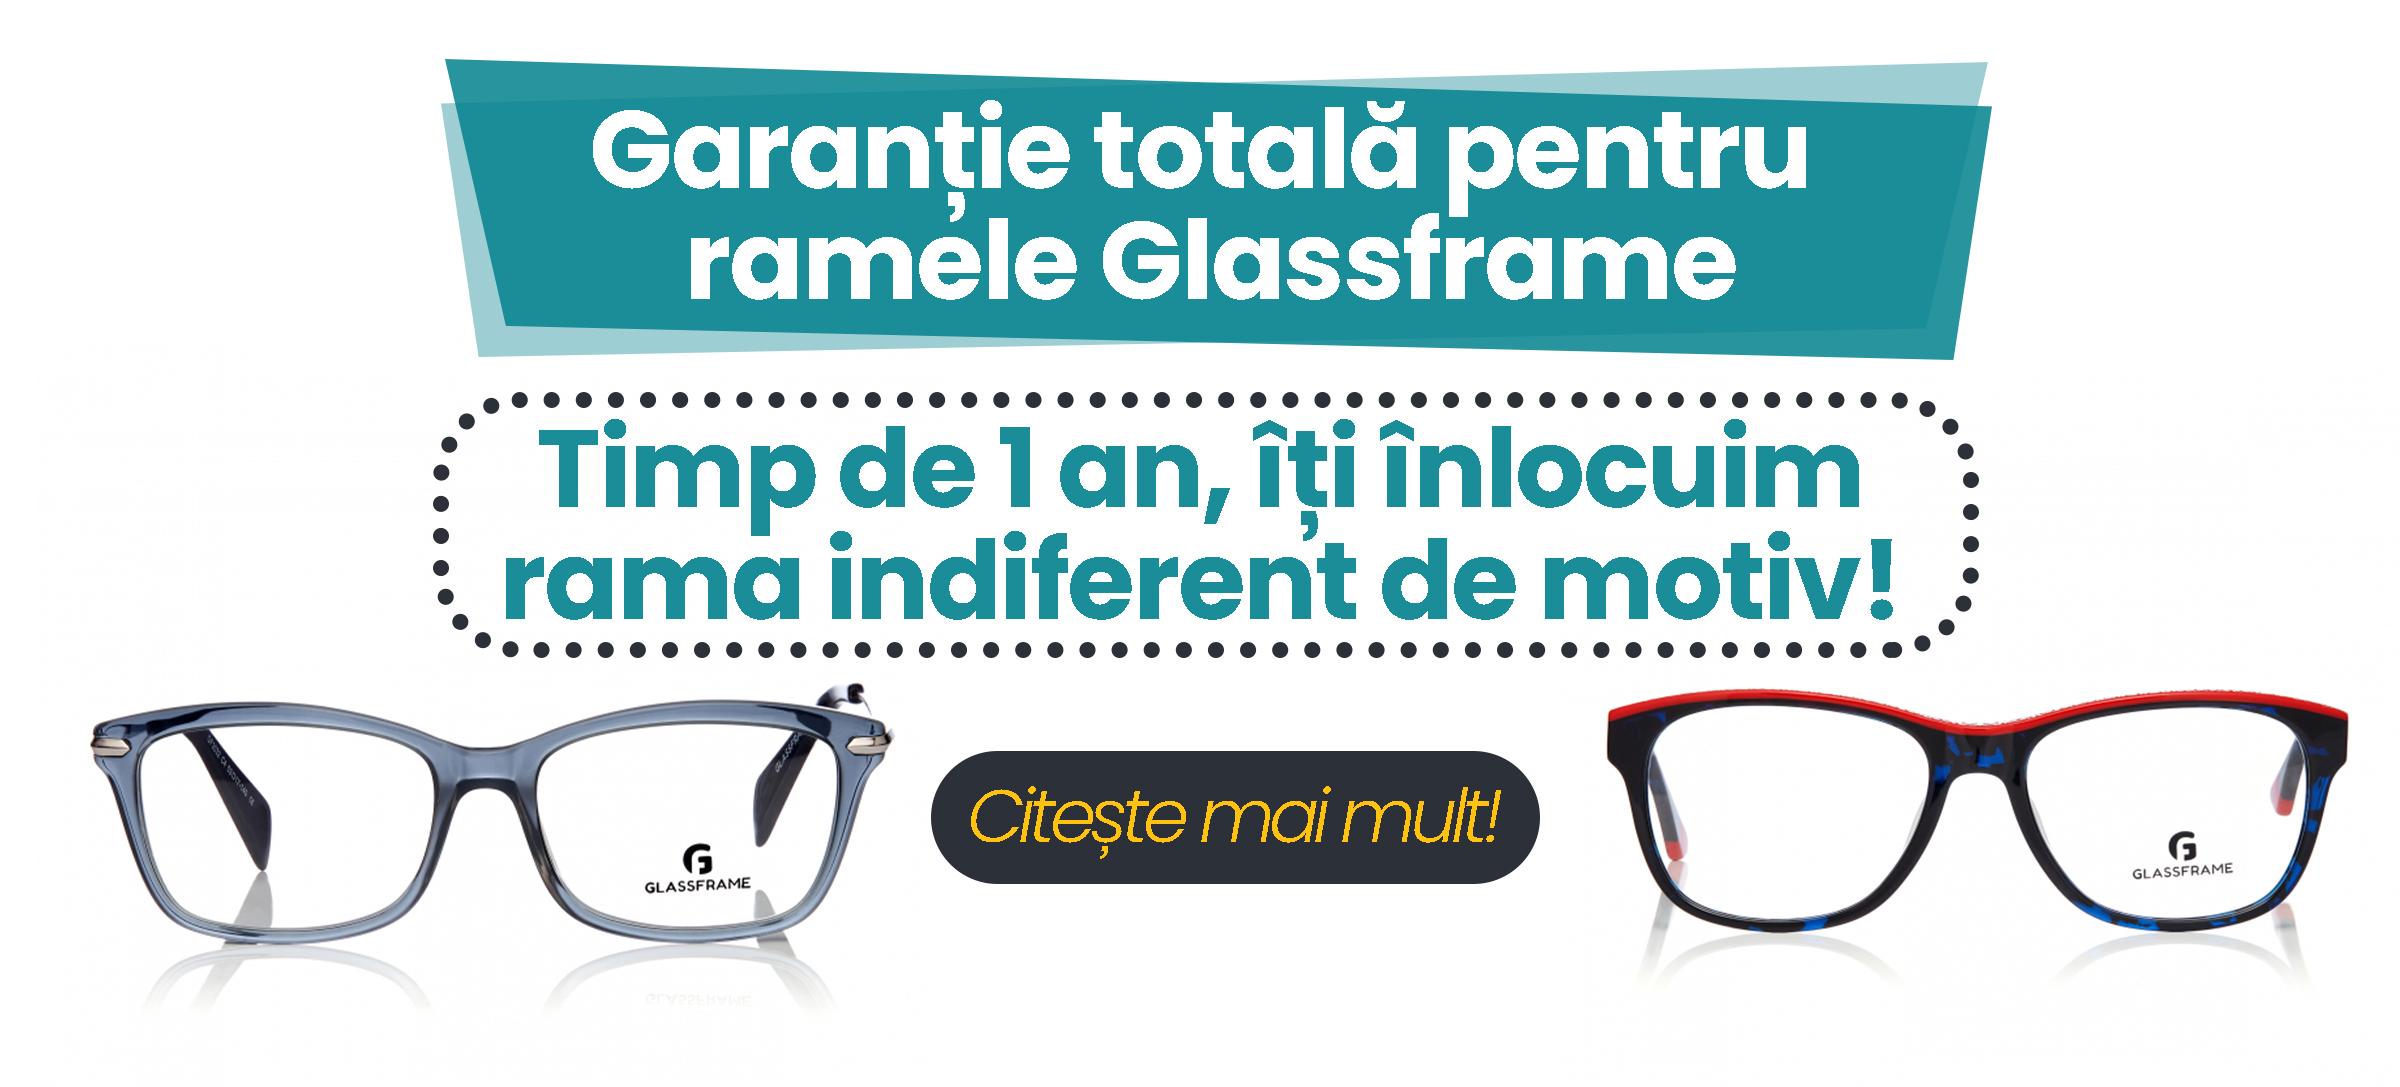 Garantie Totala Glassframe